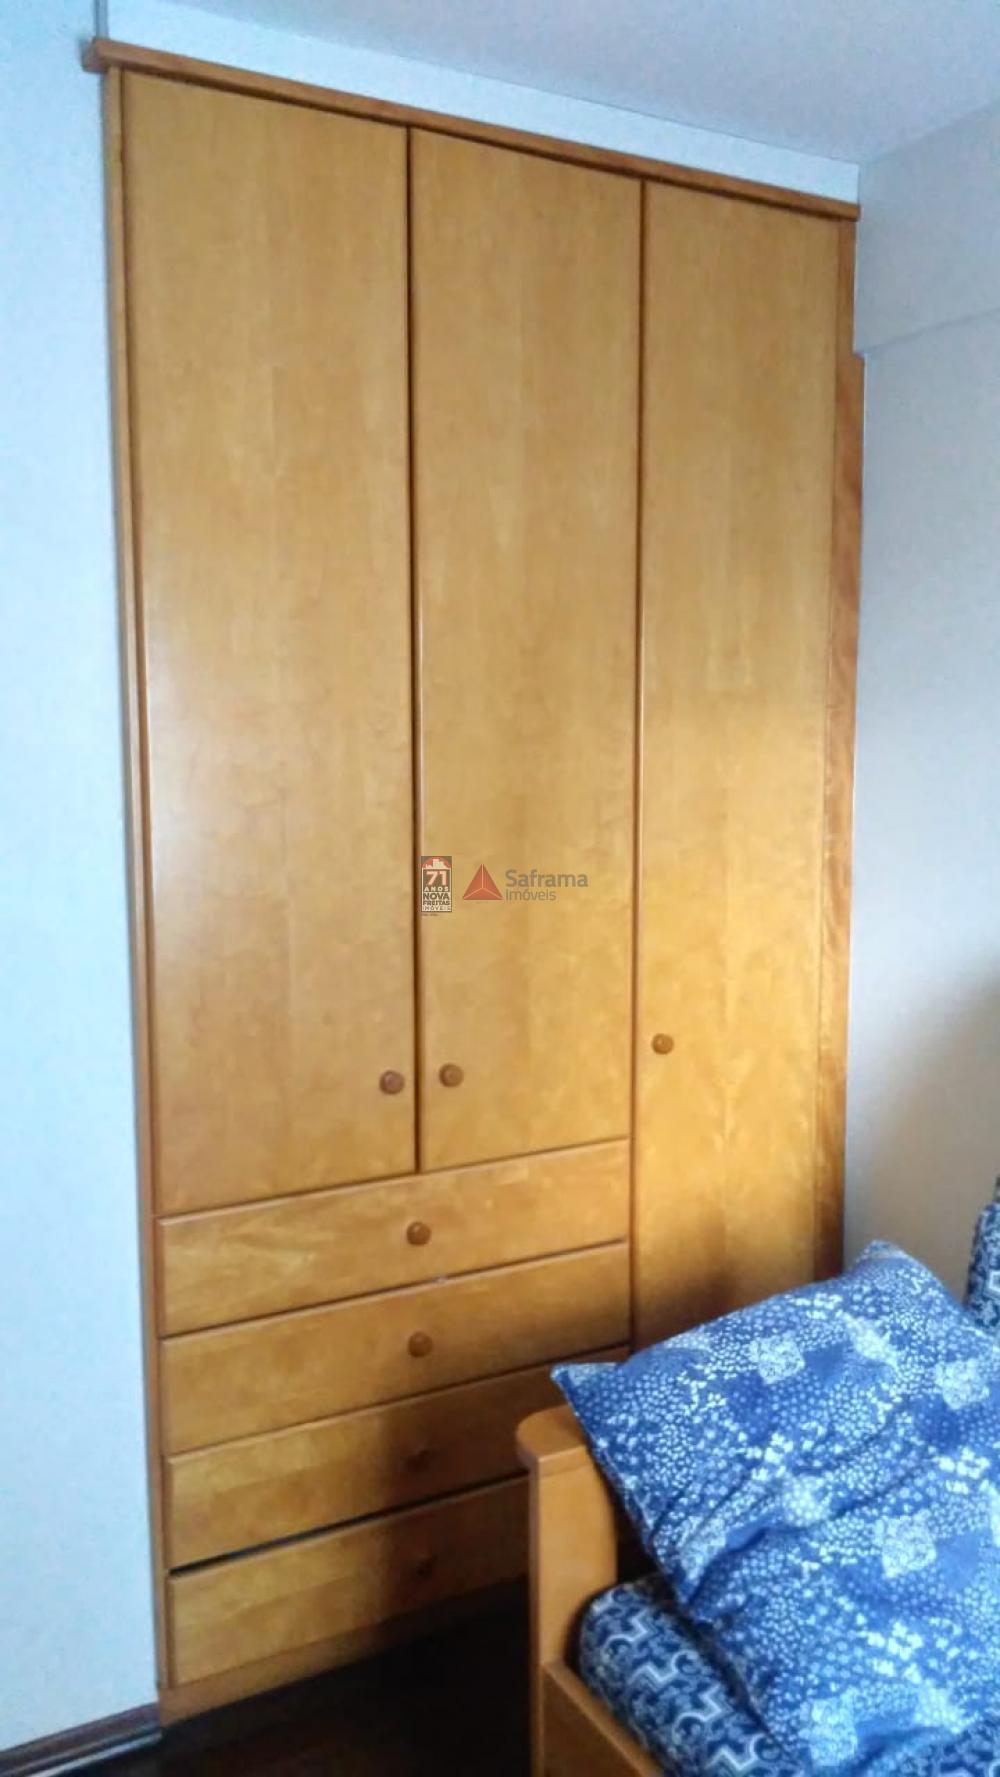 Comprar Apartamento / Padrão em São José dos Campos apenas R$ 820.000,00 - Foto 13